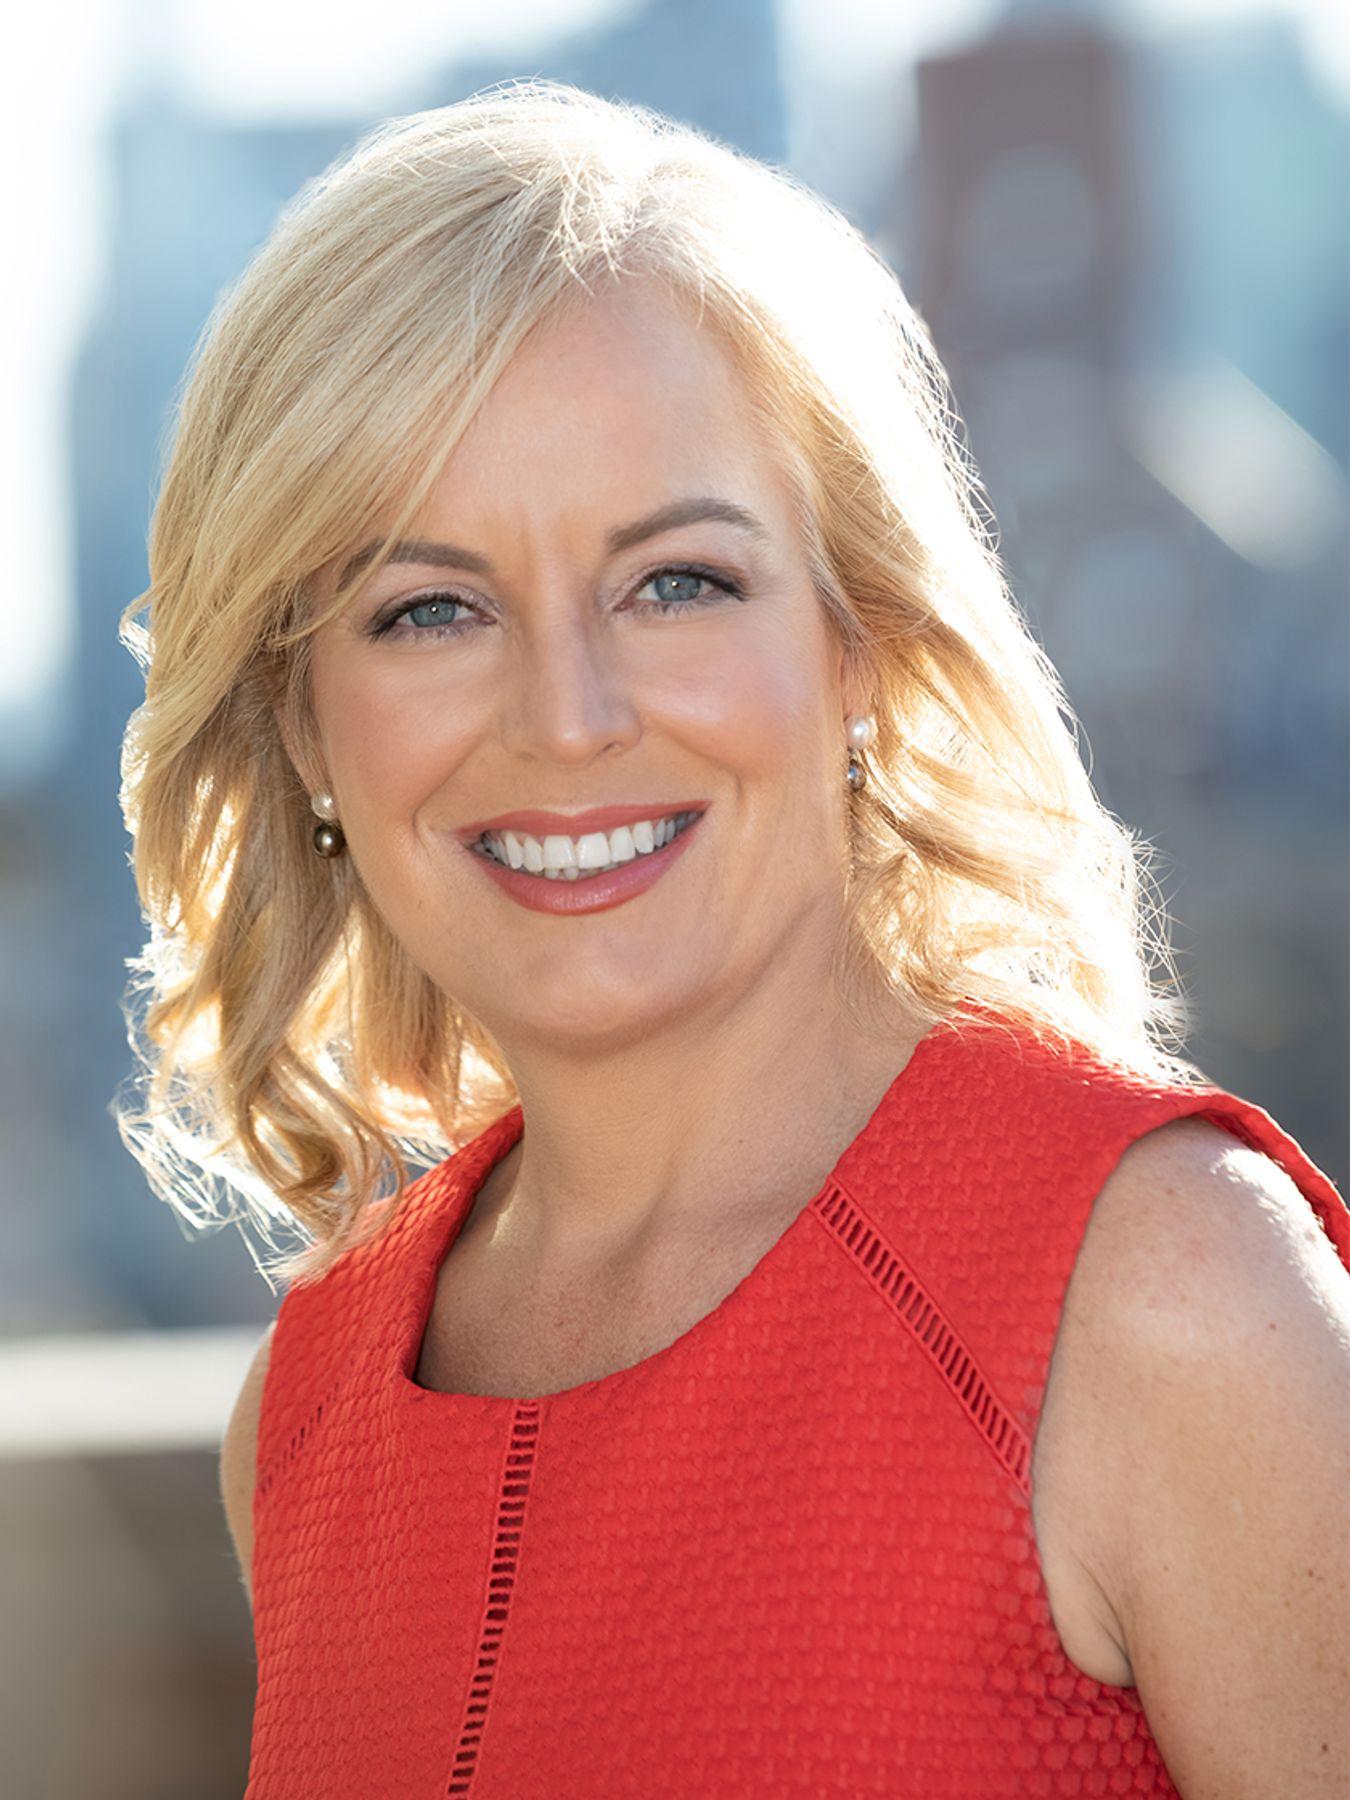 Melissa Vance